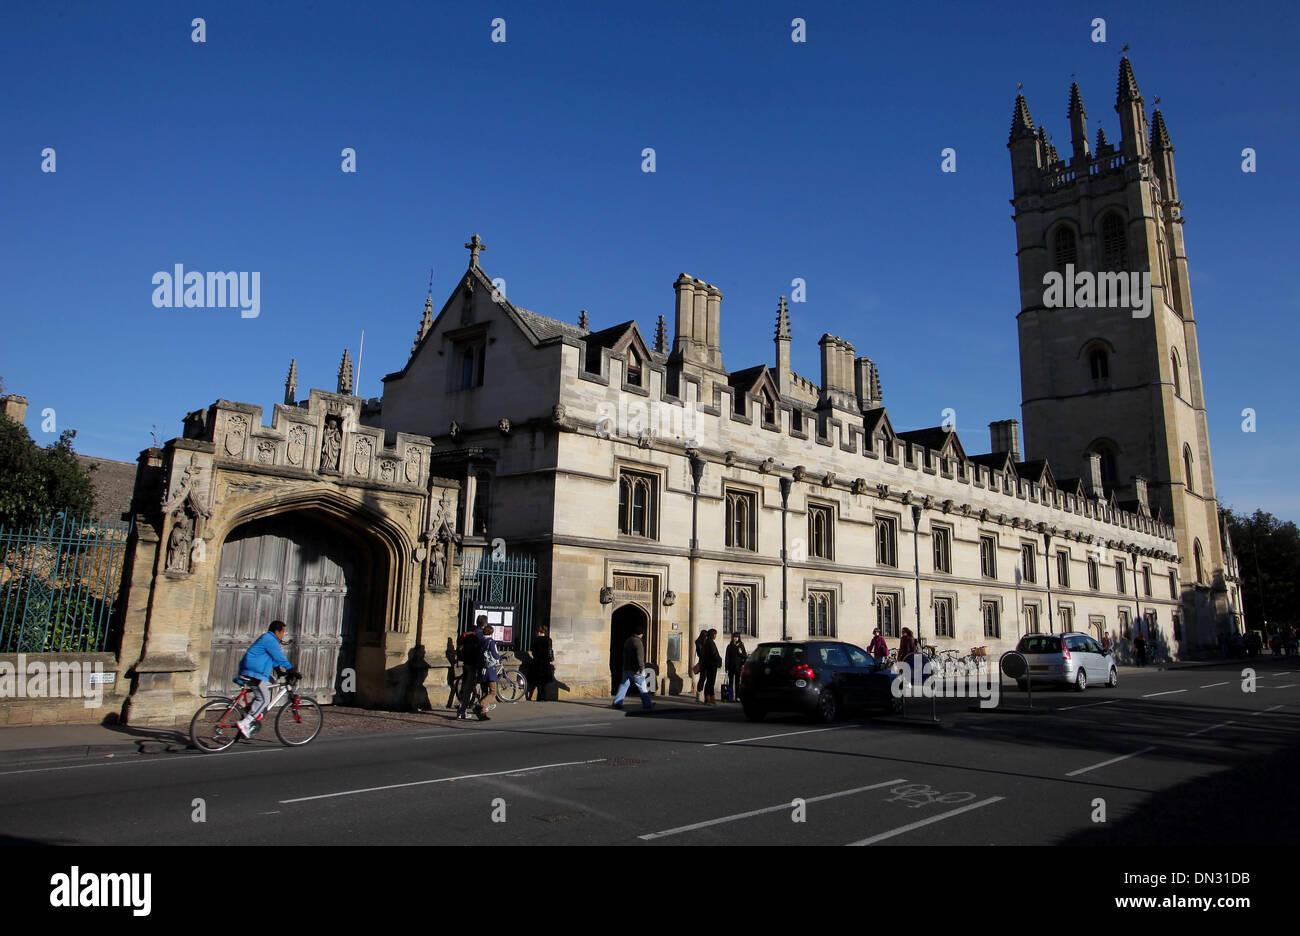 GV de l'historique bâtiment de l'Université d'Oxford. Photo Stock